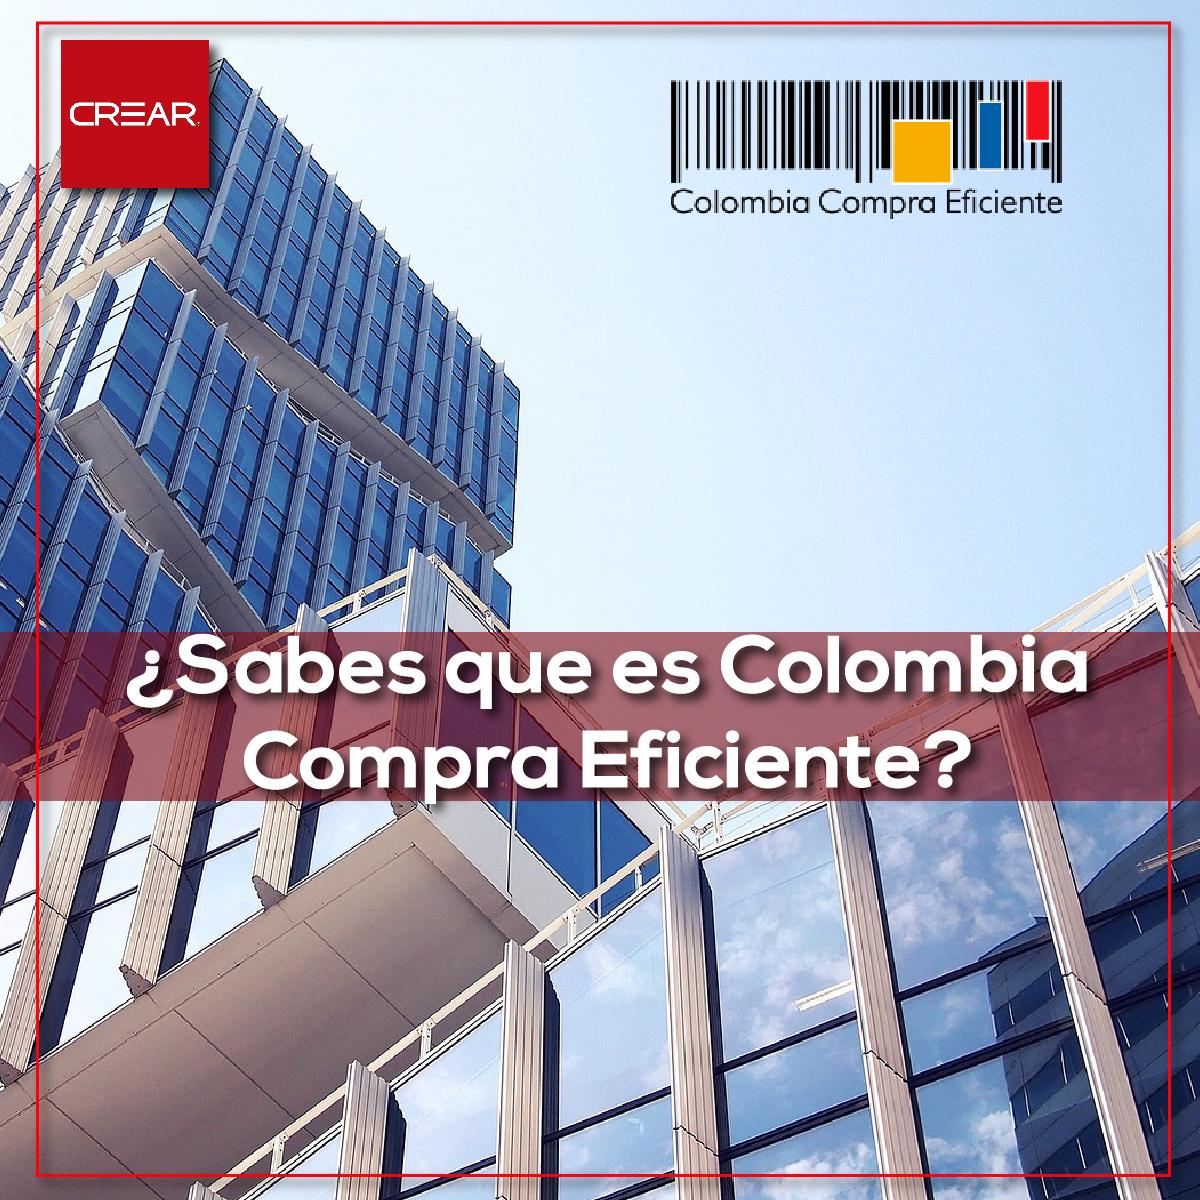 ¿Sabes Que Es Colombia Compra Eficiente?